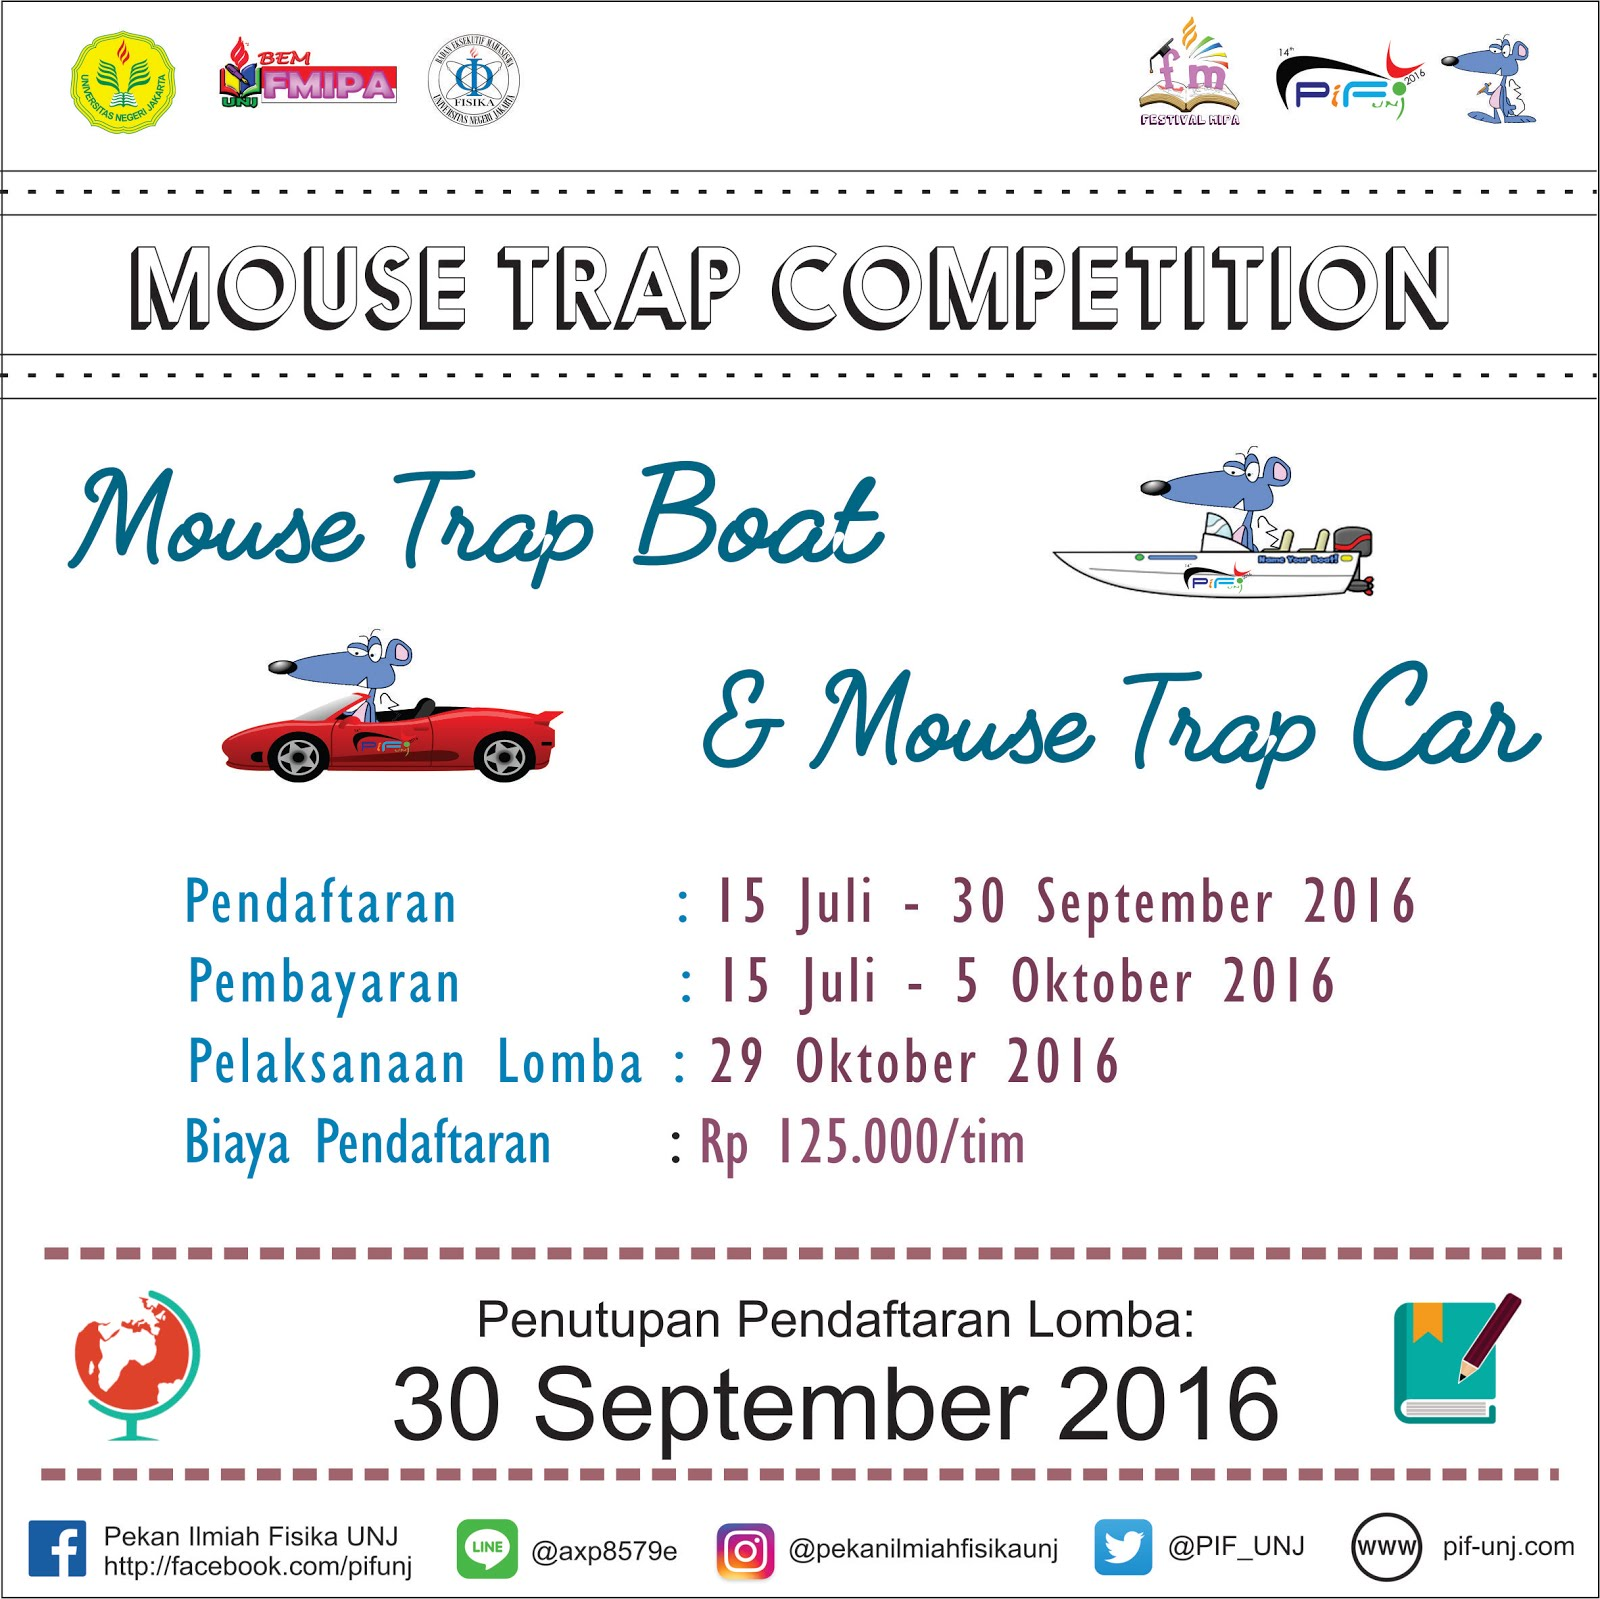 pekan ilmiah fisika universitas negeri jakarta mouse trap boat mtb mouse trap boat mtb